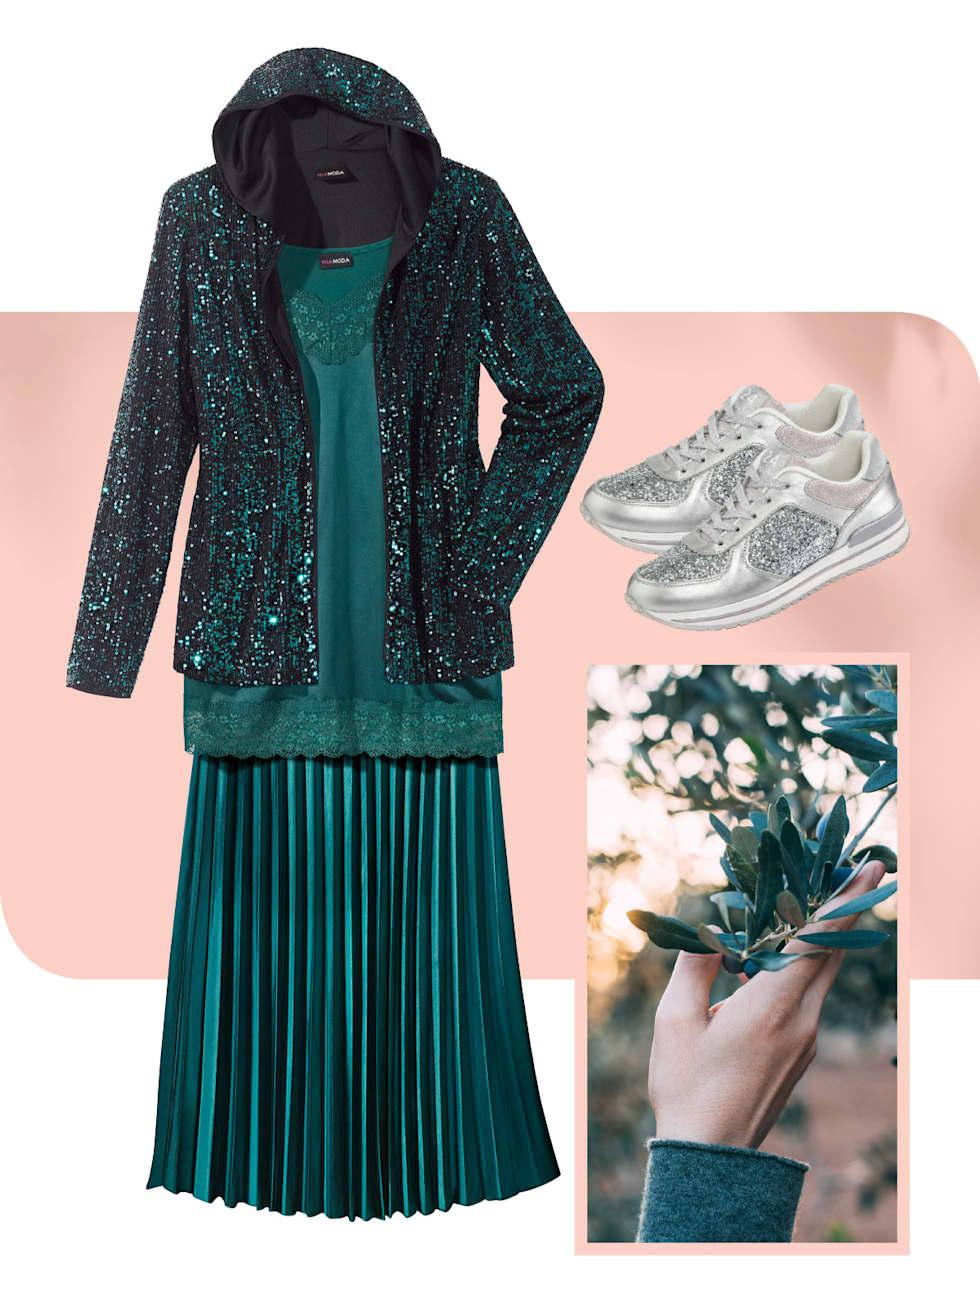 MIAMODA Grosse Grössen Kampagne strahlende Farben - Outfit in der Farbe grün